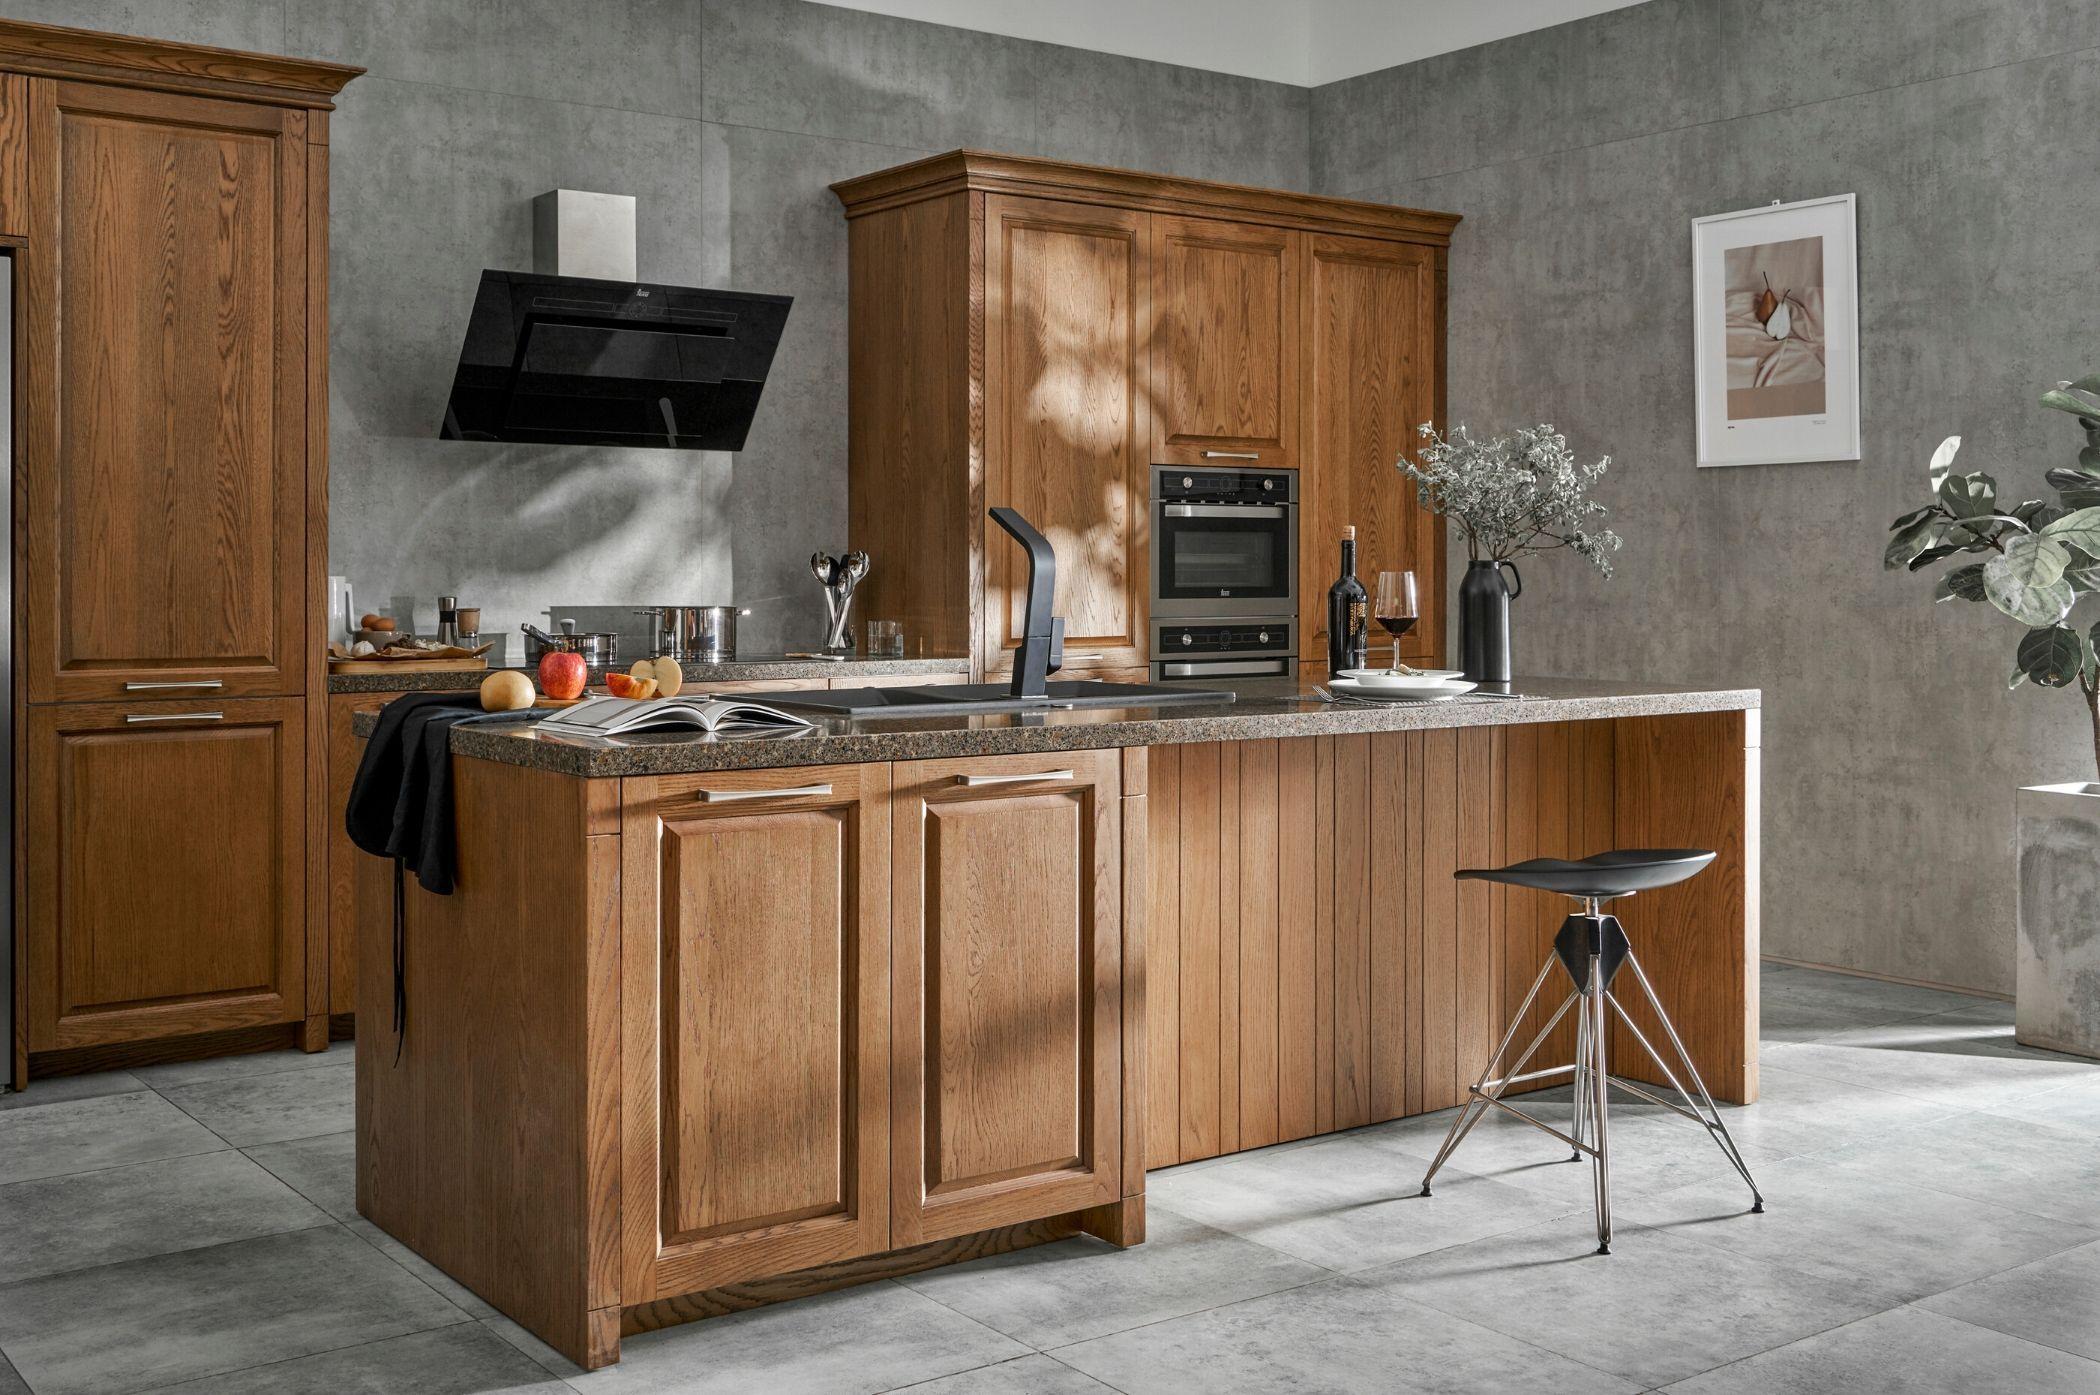 Mẹo chống mối mọt cho nội thất gỗ phòng bếp